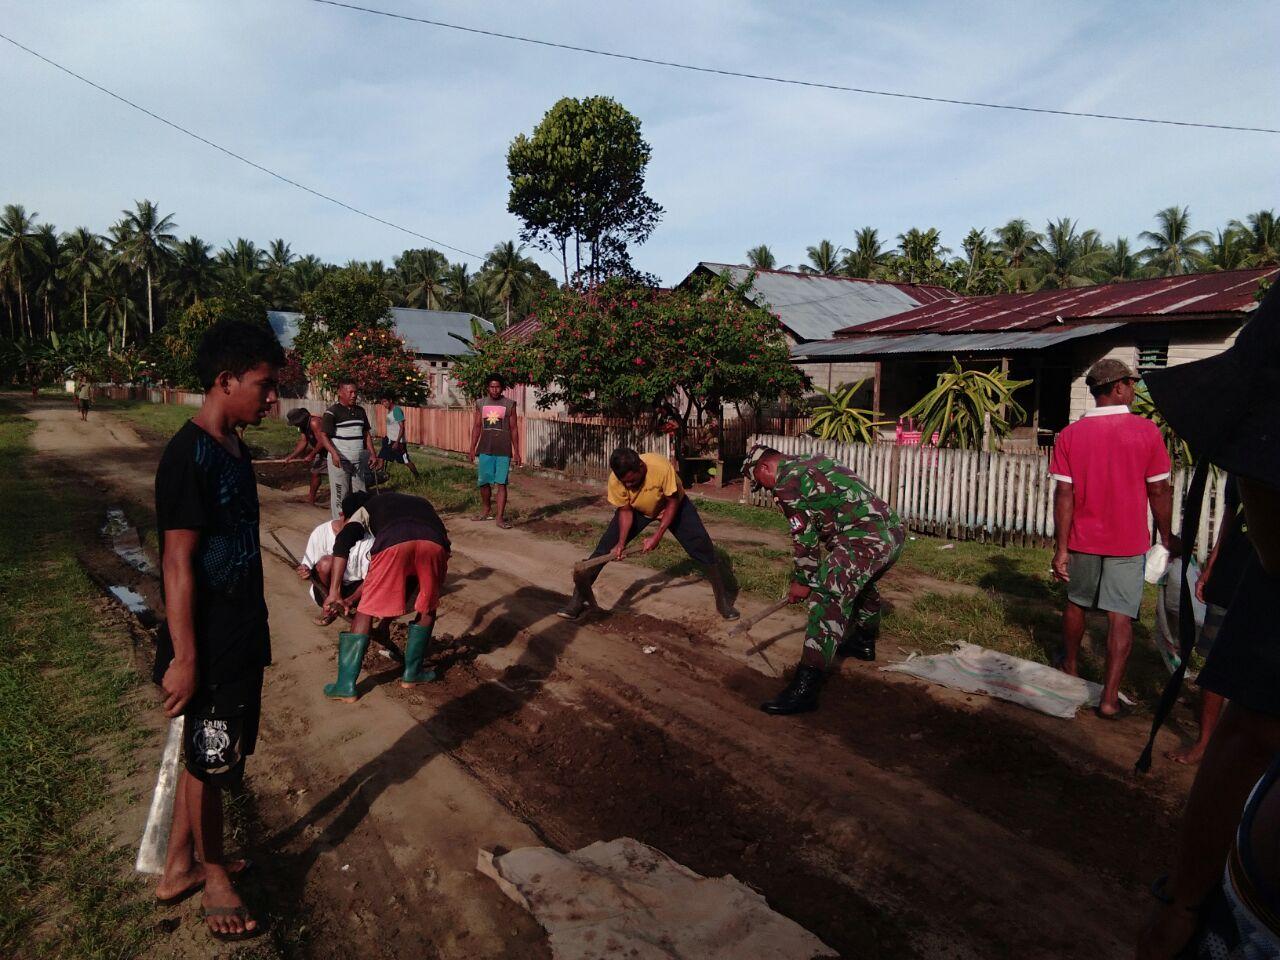 WAJAH KEMANUNGGALAN TNI-RAKYAT DI DESA SELAMALOFO TIDORE